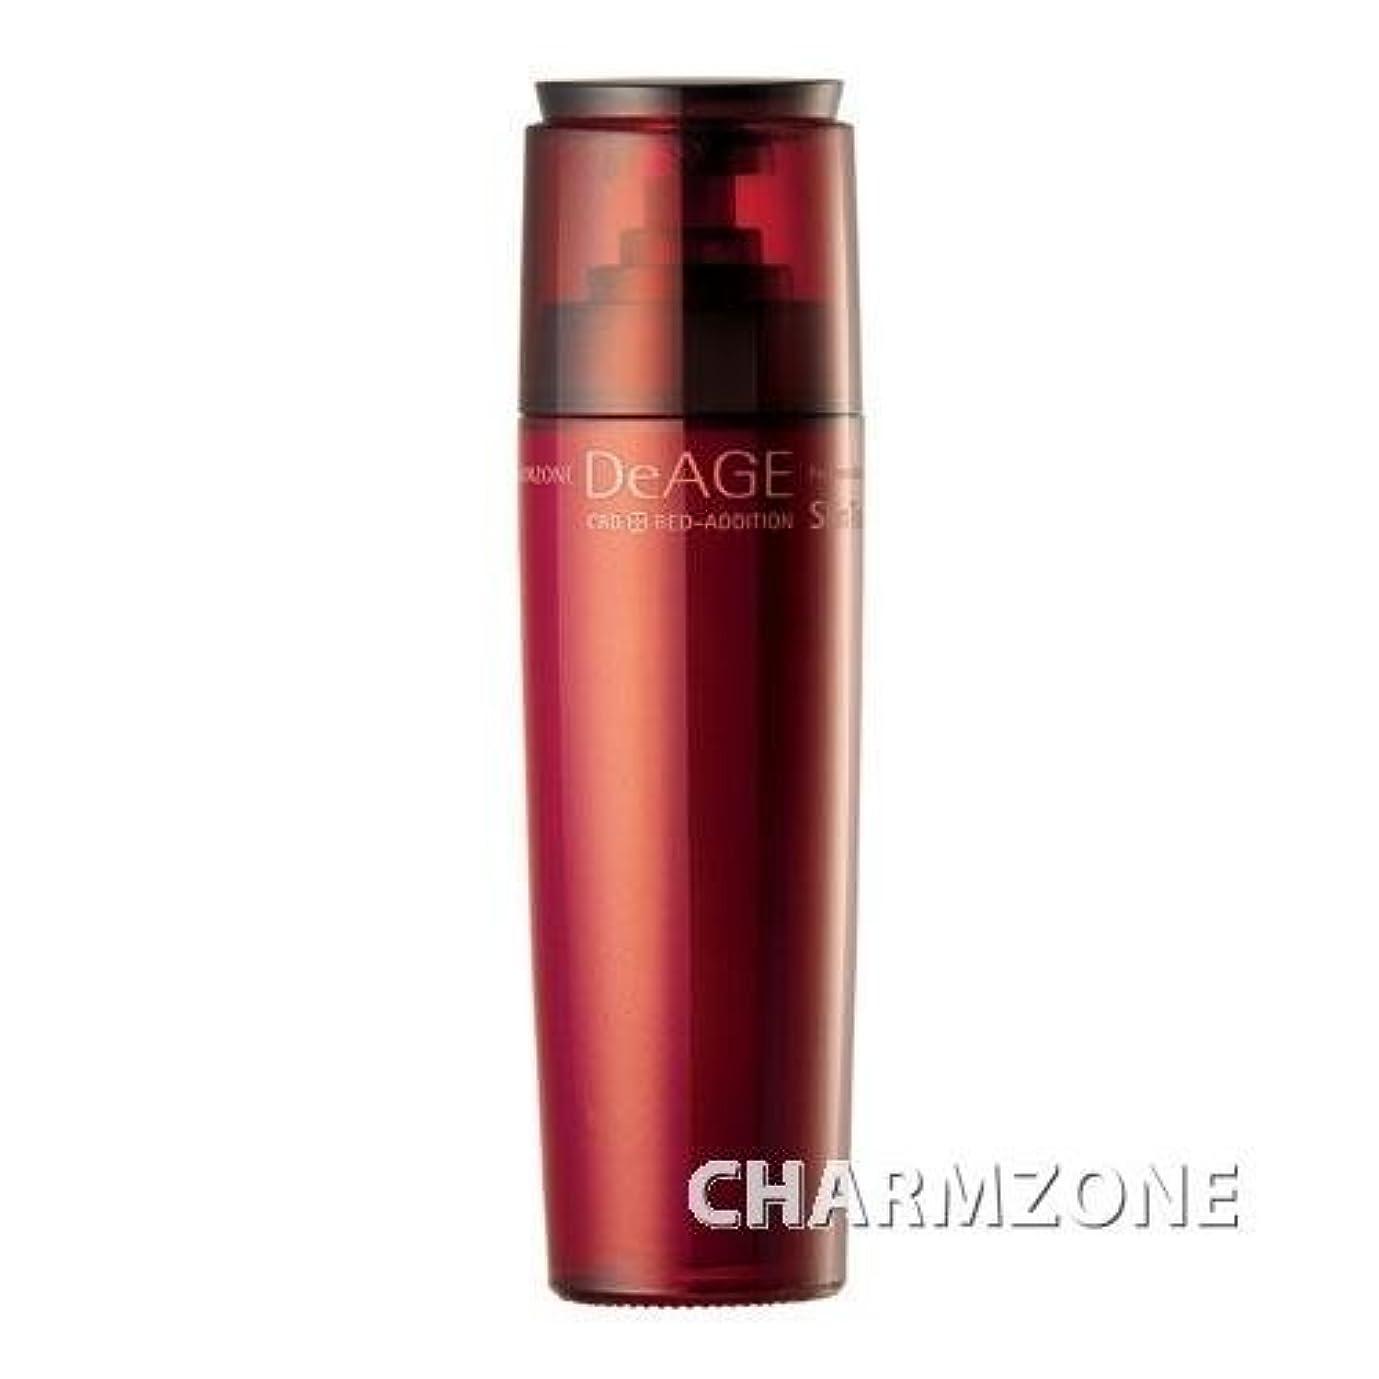 コットン現像重々しいCHARMZONE DeAGE RED-ADDITION Skin Toner [Korean Import]